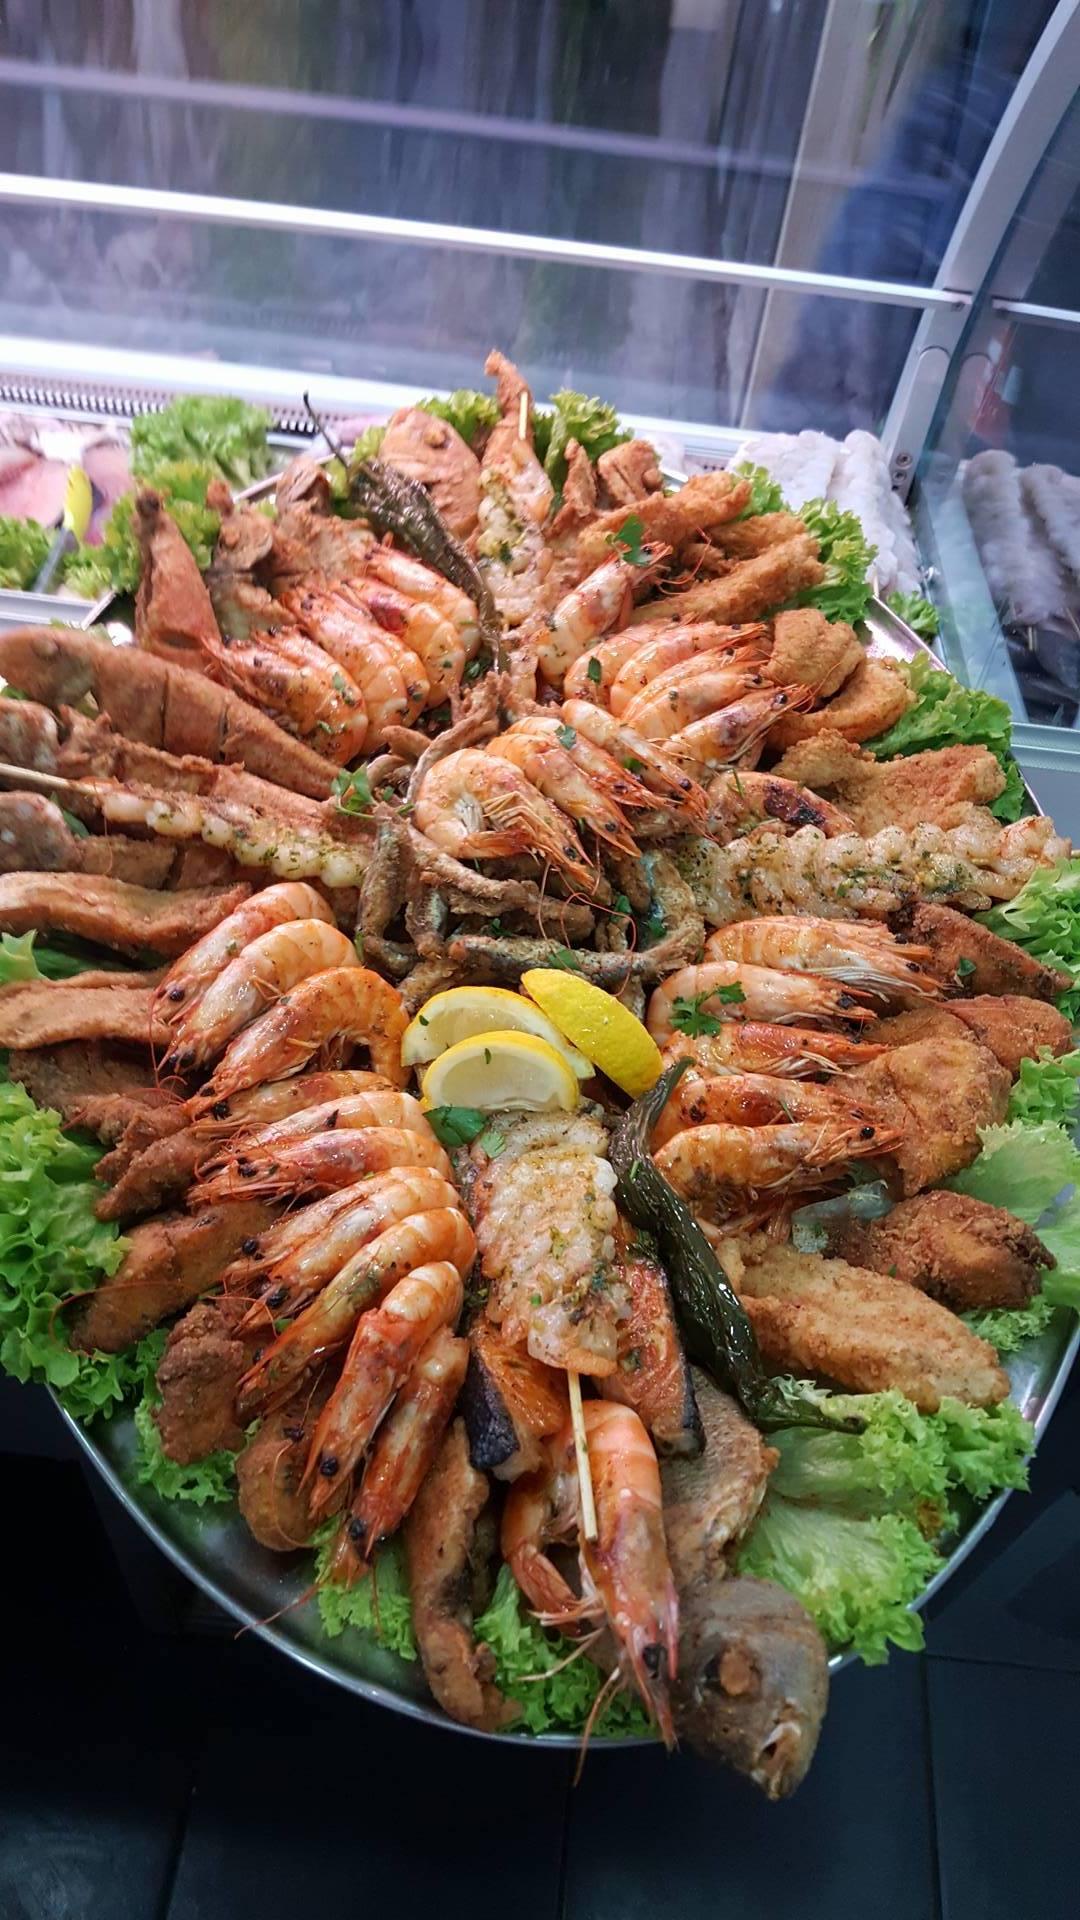 Traiteur -img7 • Livraison de poissons • Poissonnerie • Restaurant • Traiteur à Anderlecht